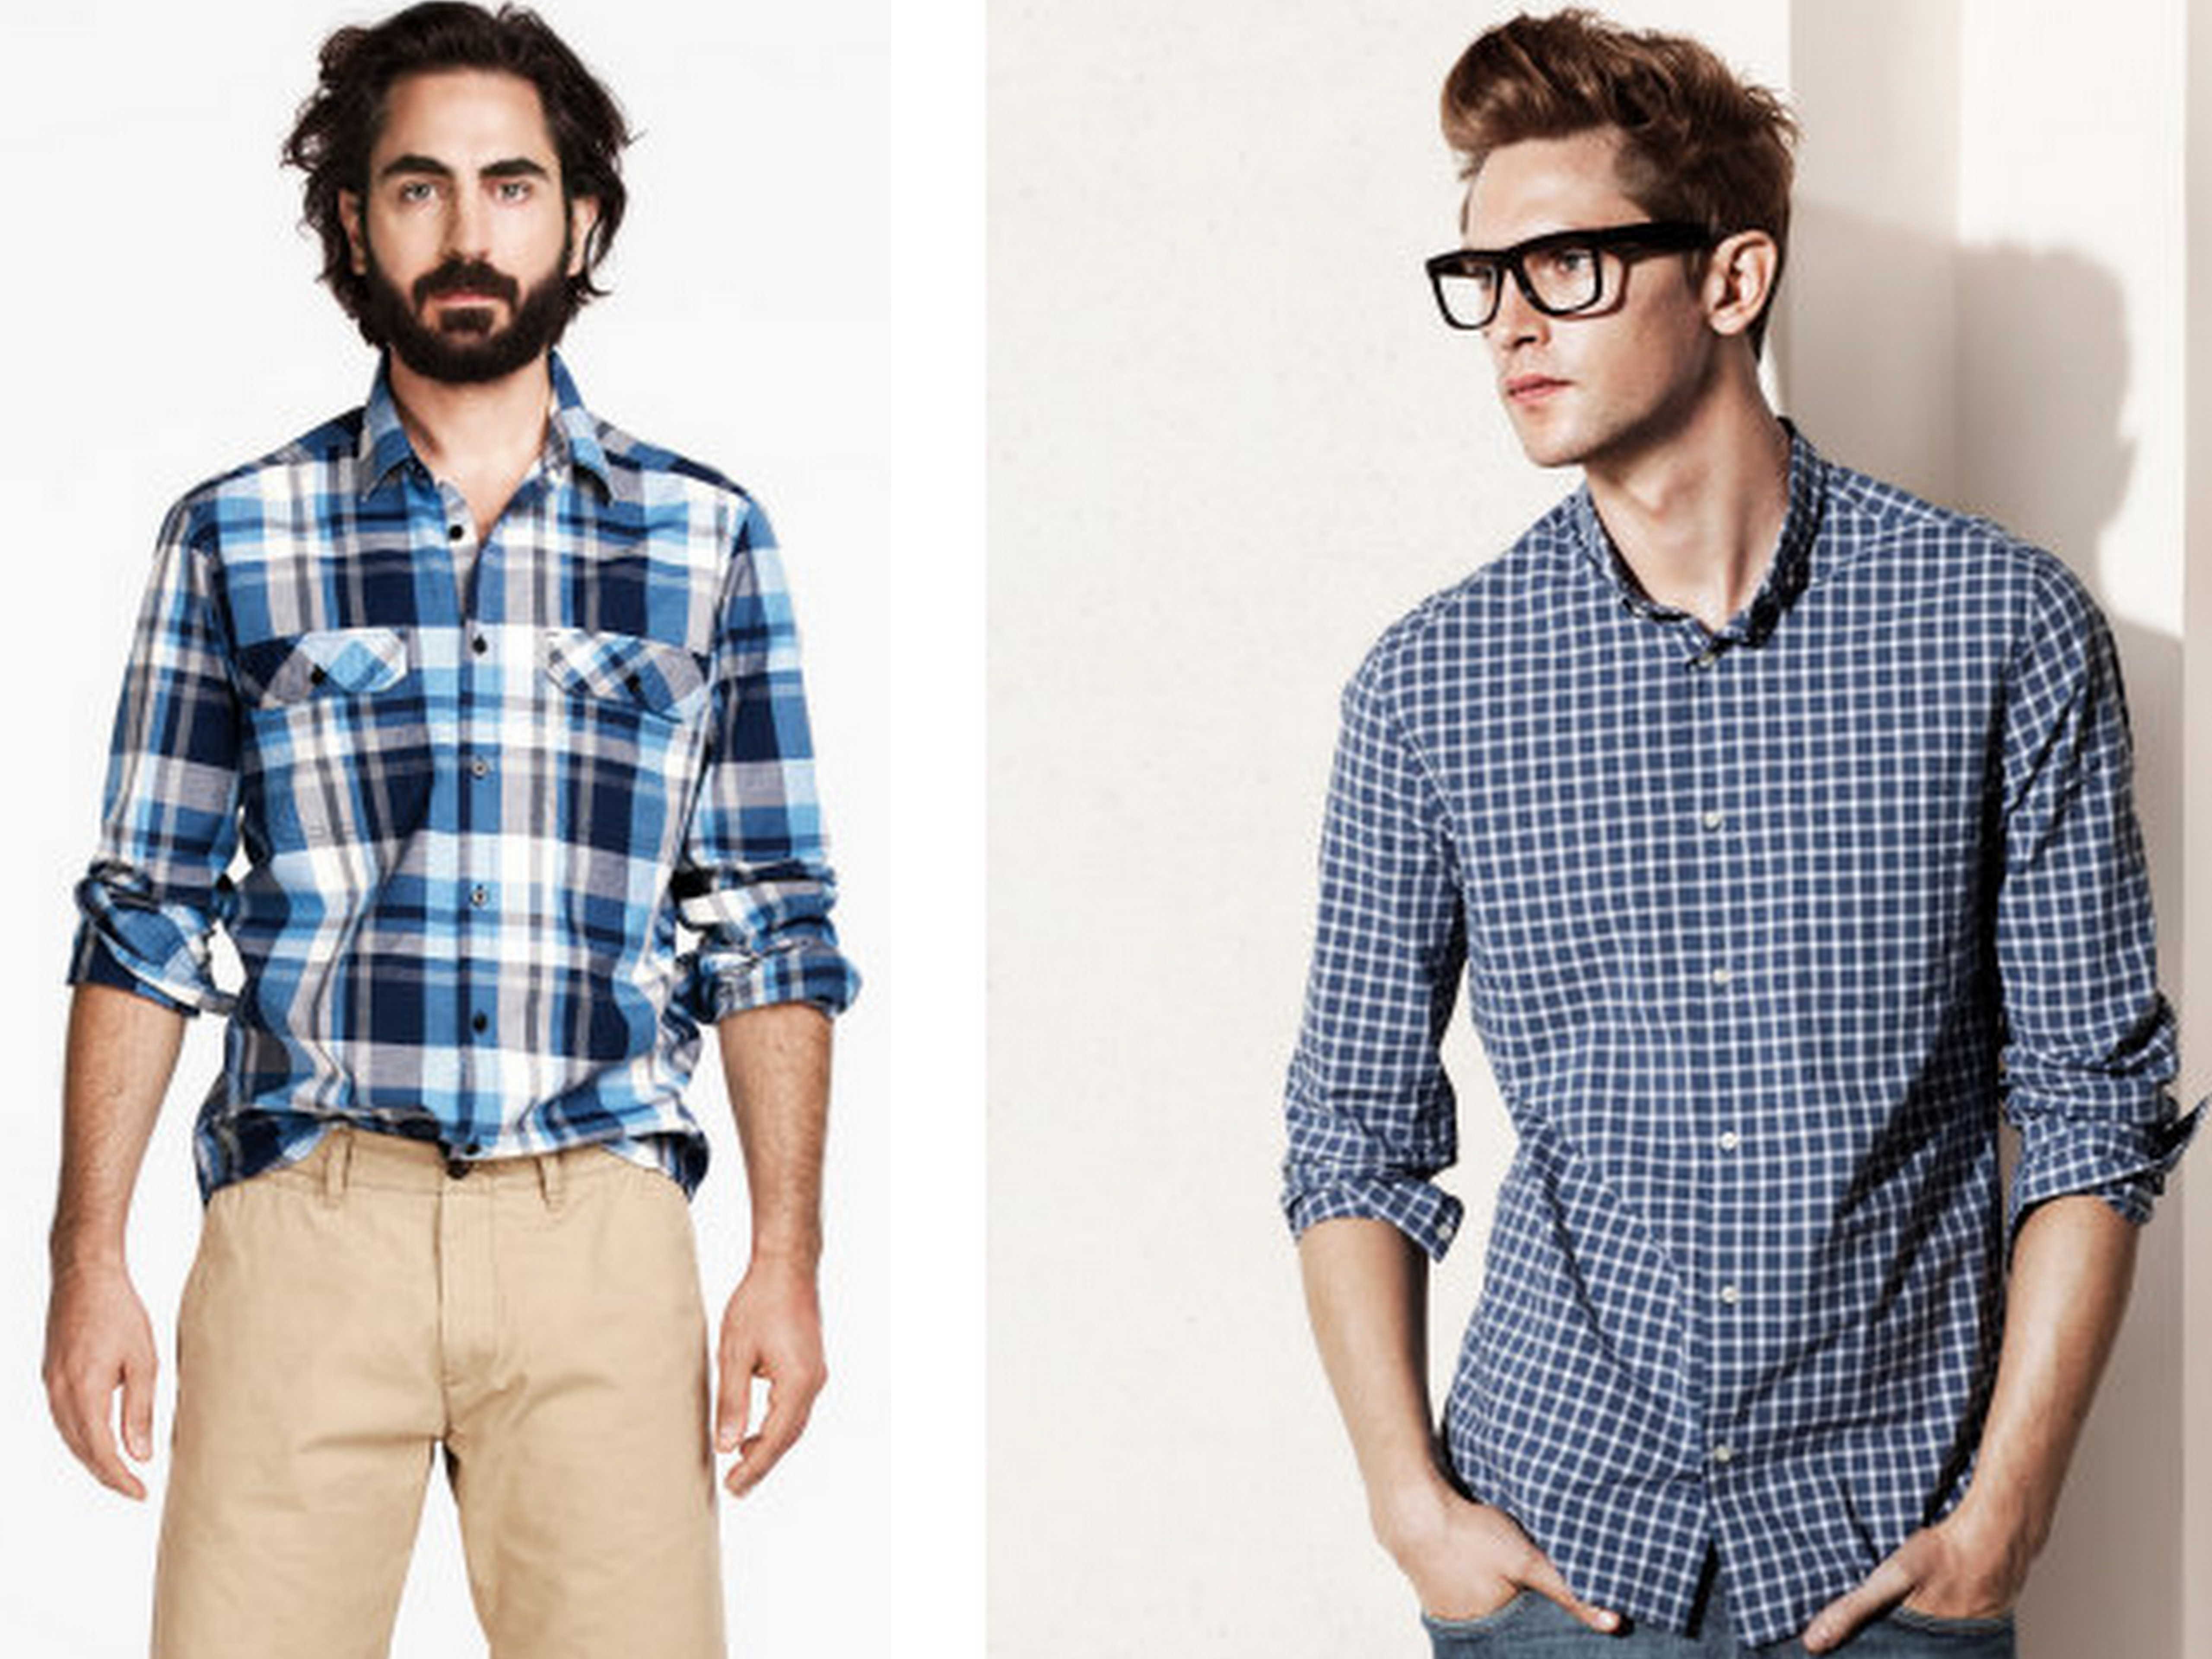 c580c7117c20d La colección de camisas para hombre de H M - Mucha más Moda